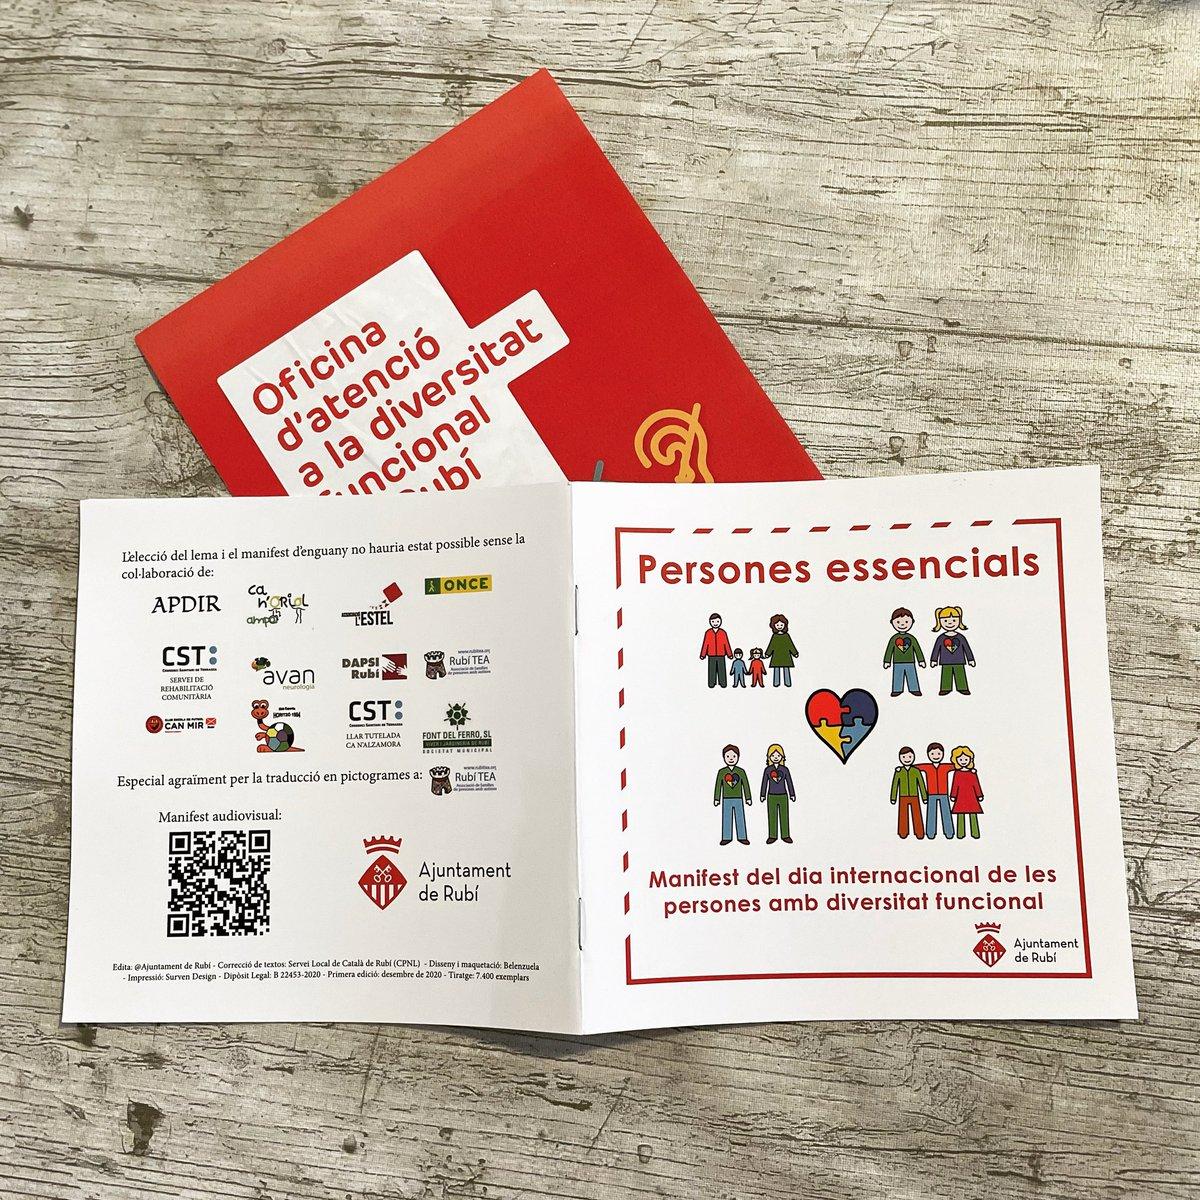 Així de xulos han quedat els llibrets distribuïts a les escoles de Rubi amb el manifest elaborat per les entitats dedicades a la diversitat funcional de #rubicity i traduït amb pictogrames d'Arasaac per  #rubítea Gràcies! @rubi_ciutat #autisme #autismo #TEA